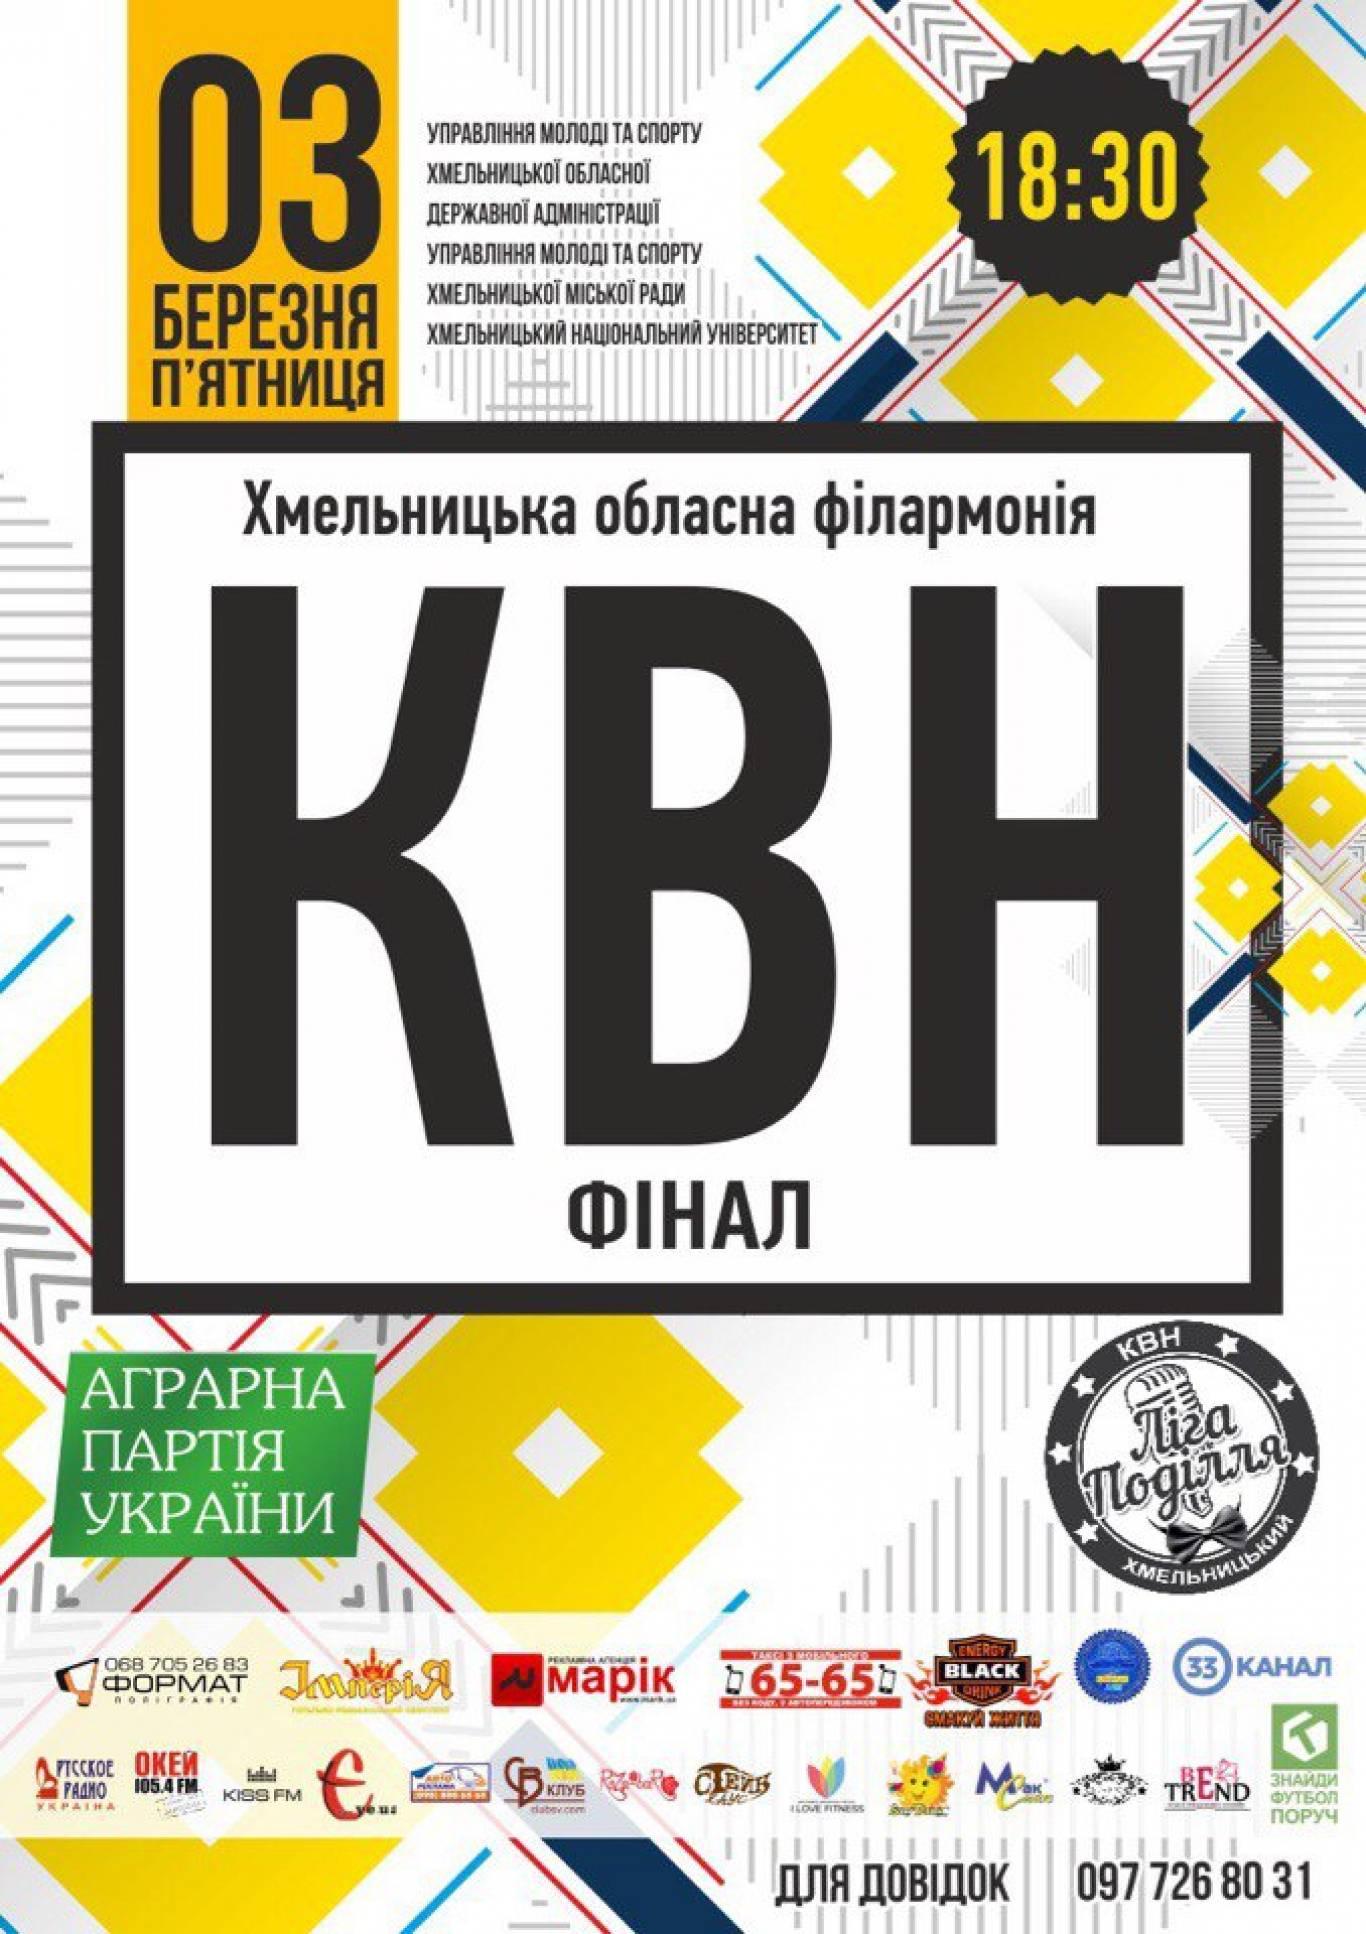 """Фінал 8-го сезону Ліги КВН """"Поділля"""". Розіграш квитків"""